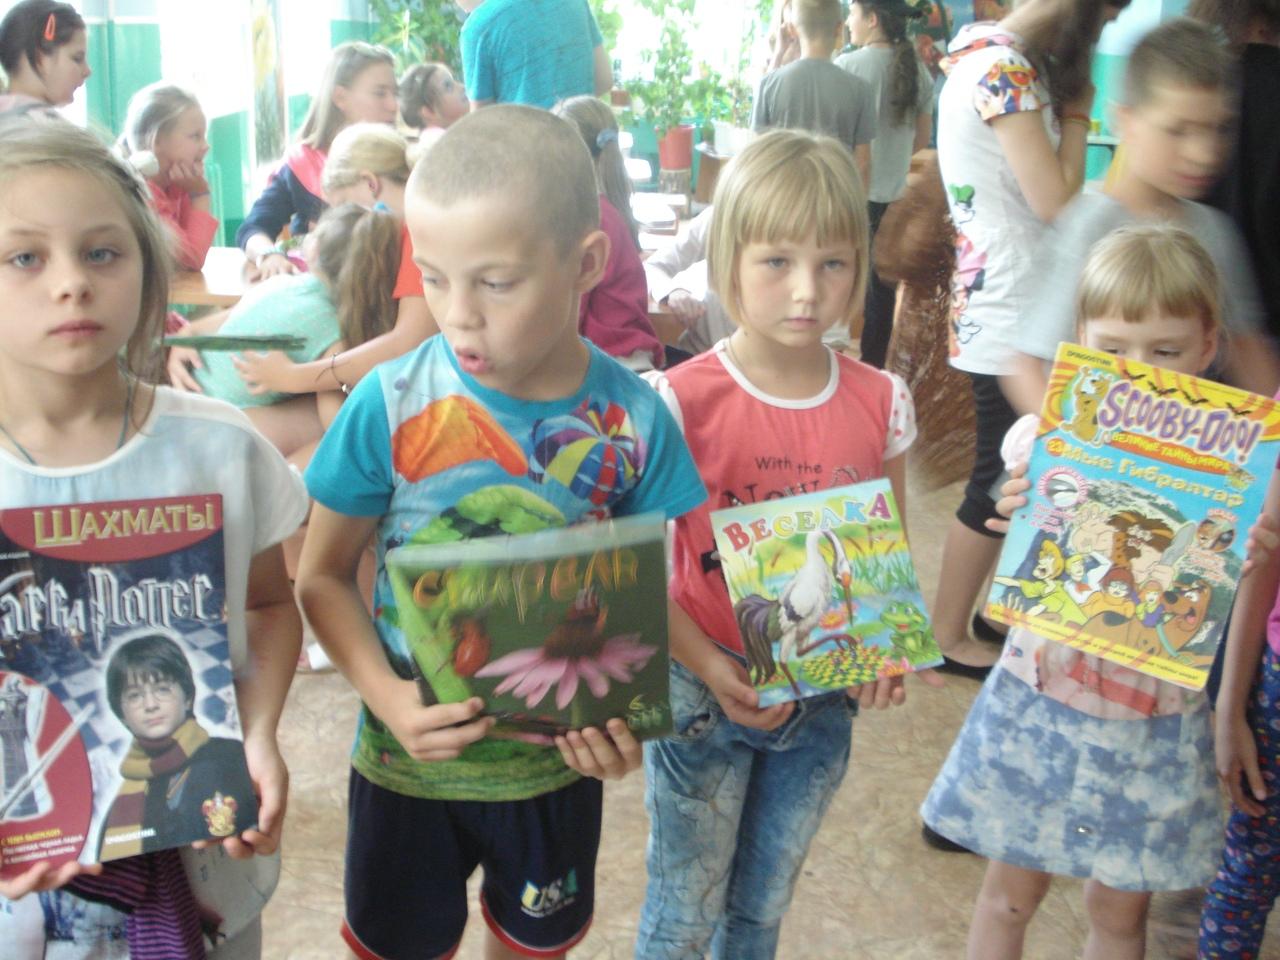 отдел обслуживания учащихся 5-9 классов, Донецкая республиканская библиотека для детей, лето в библиотеке, привет библиоЛЕТО